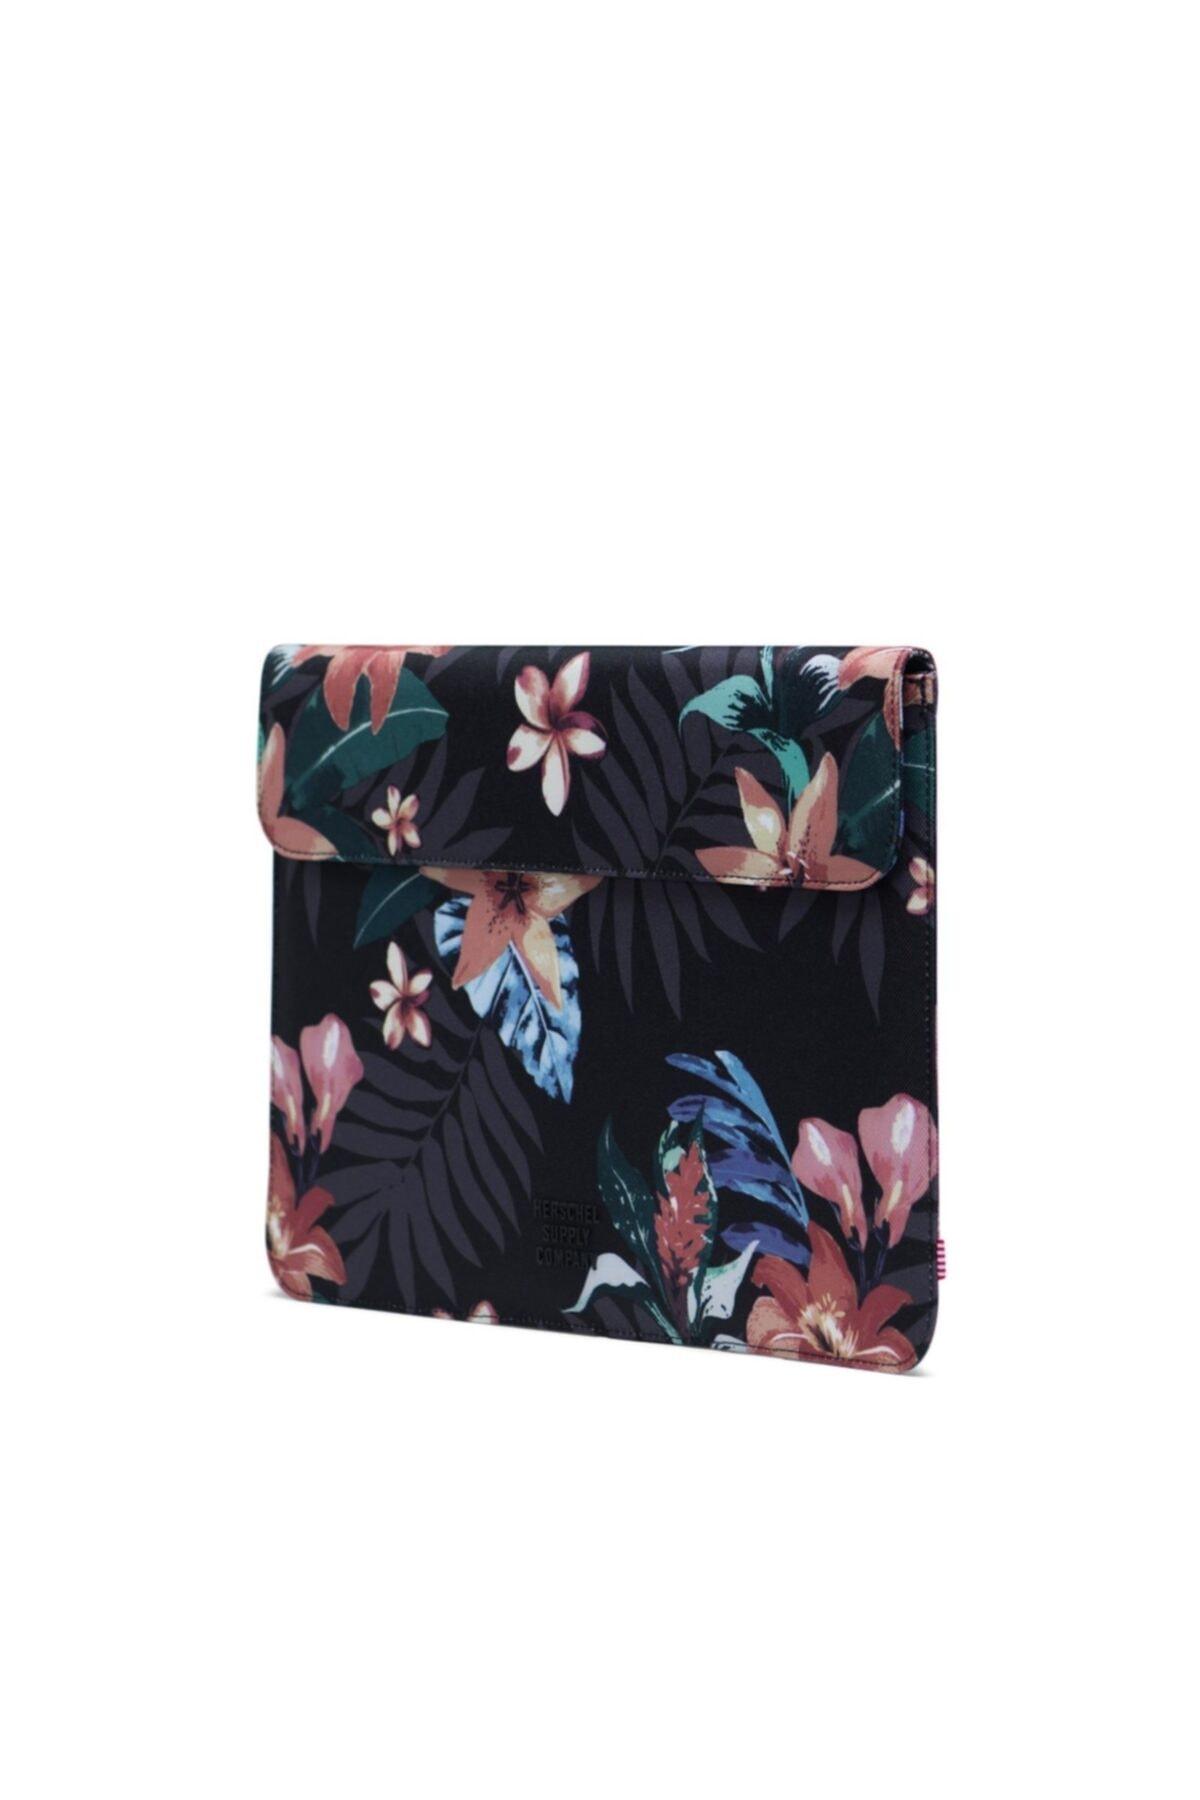 Herschel Supply Co. Herschel Supply Spokane Sleeve For New 13 Inch Macbook Summer Floral Black 2